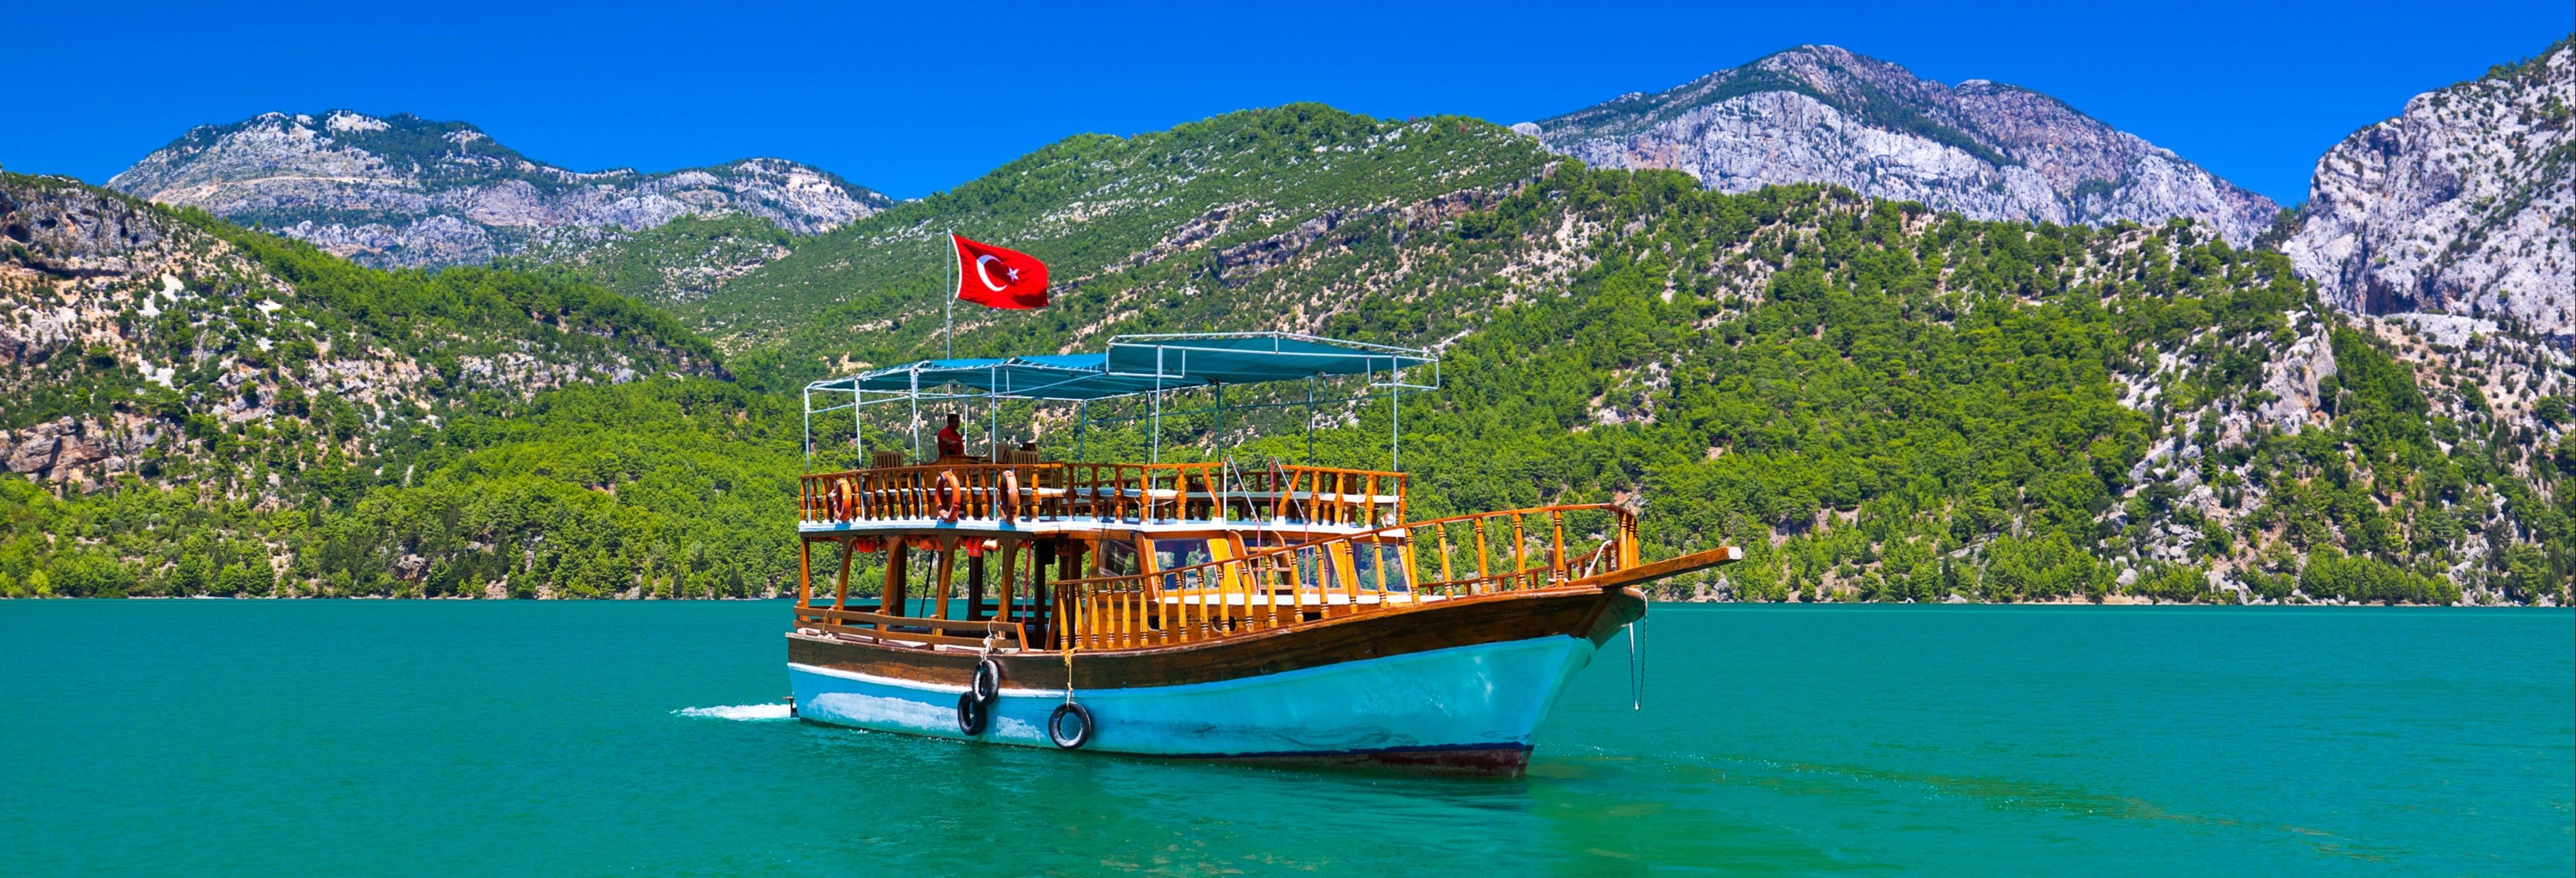 Excursão ao Lago Verde + Passeio de barco